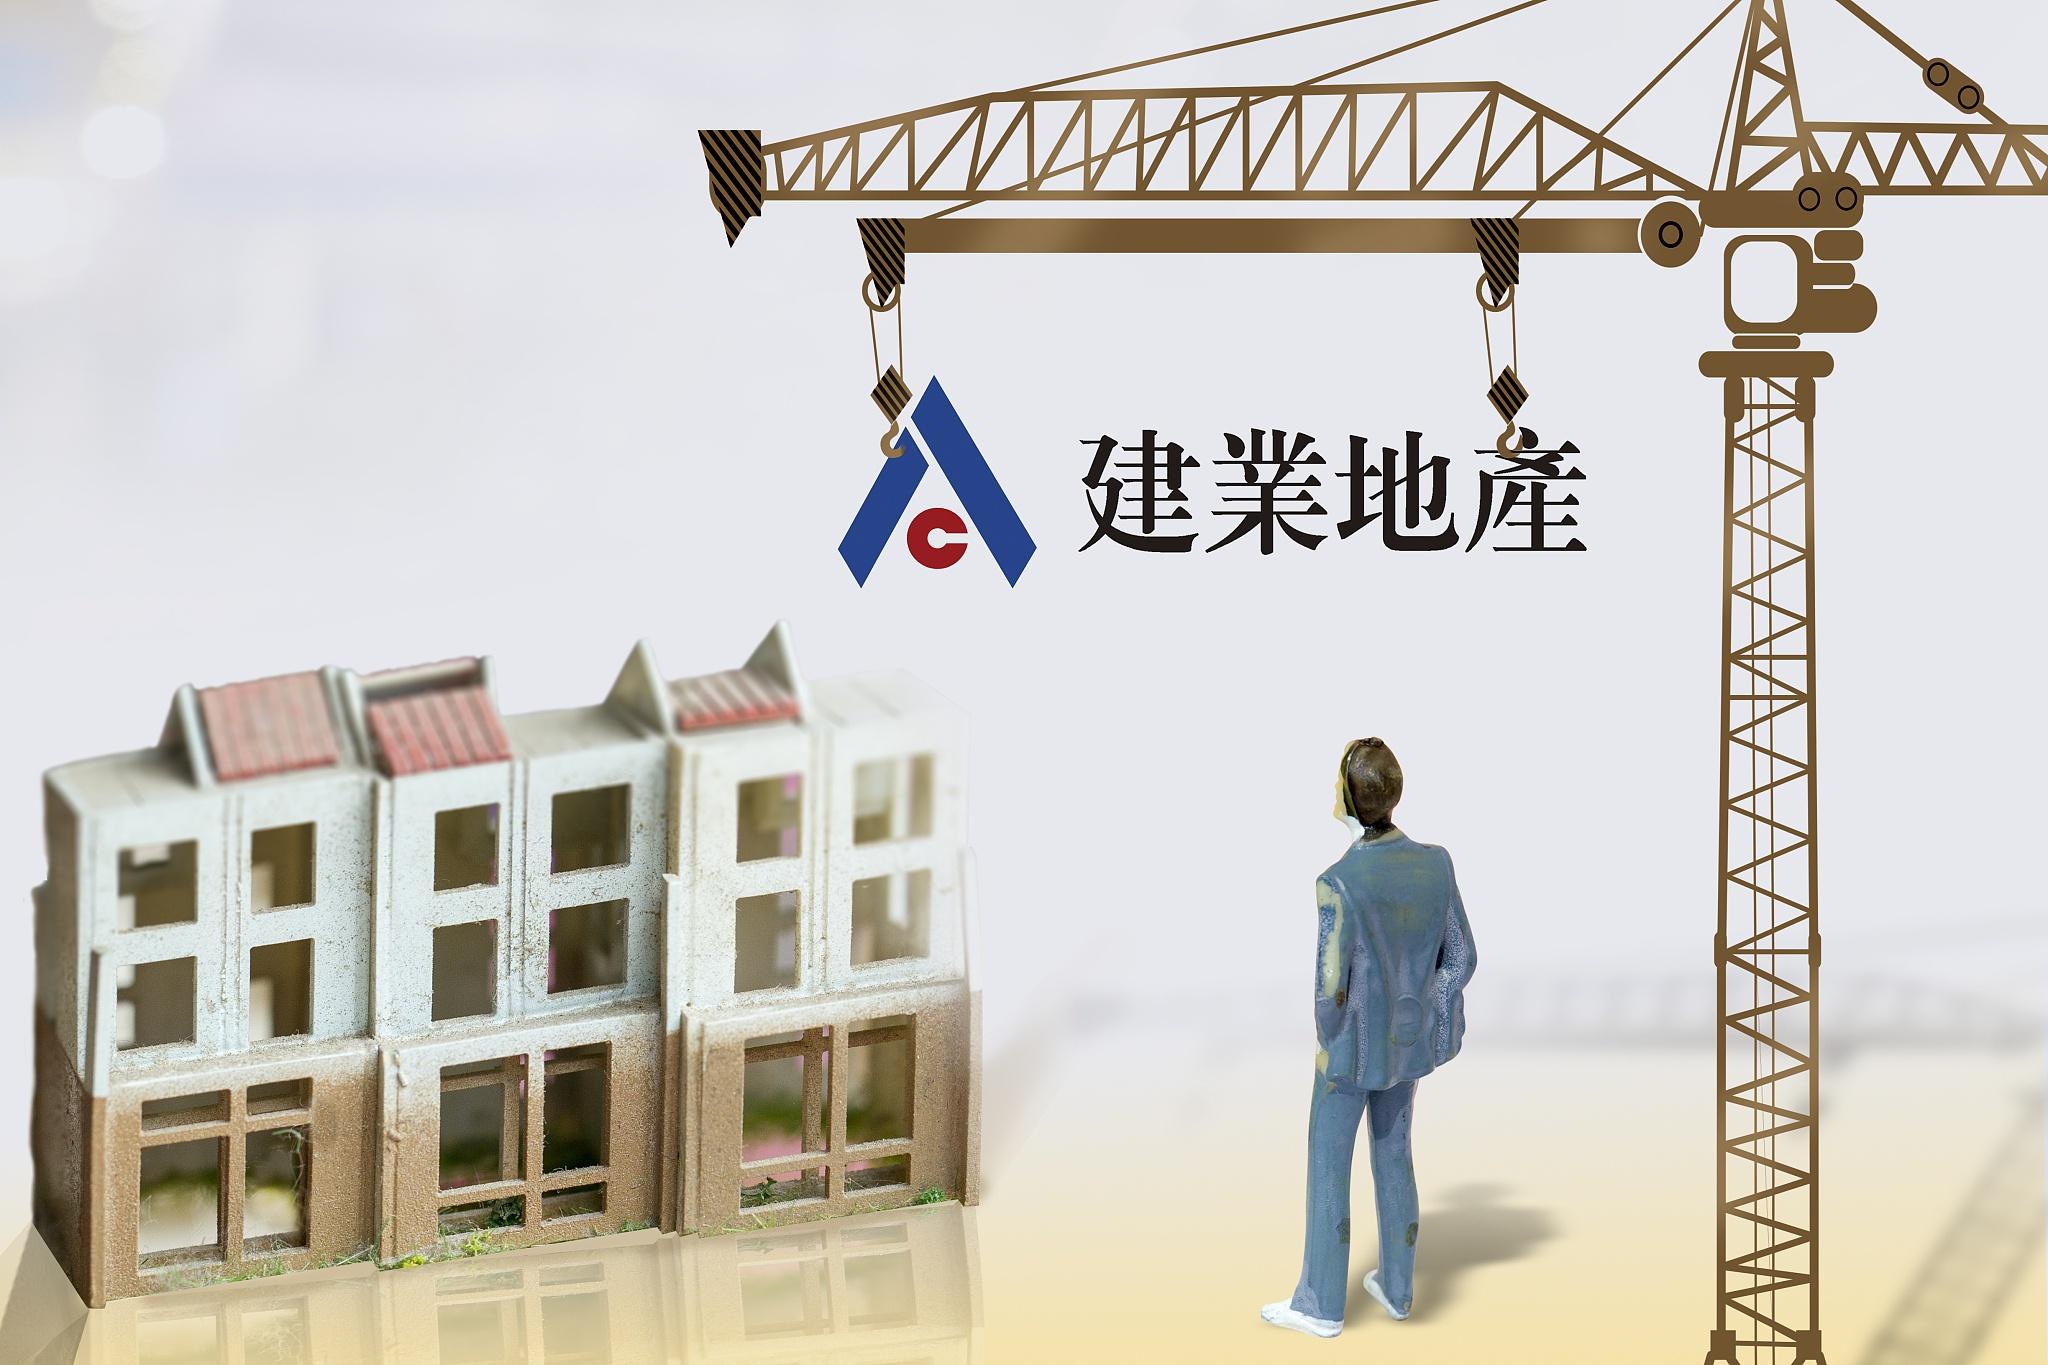 建业地产暴跌49%,市值蒸发67亿,除权、拆分威力这么大?